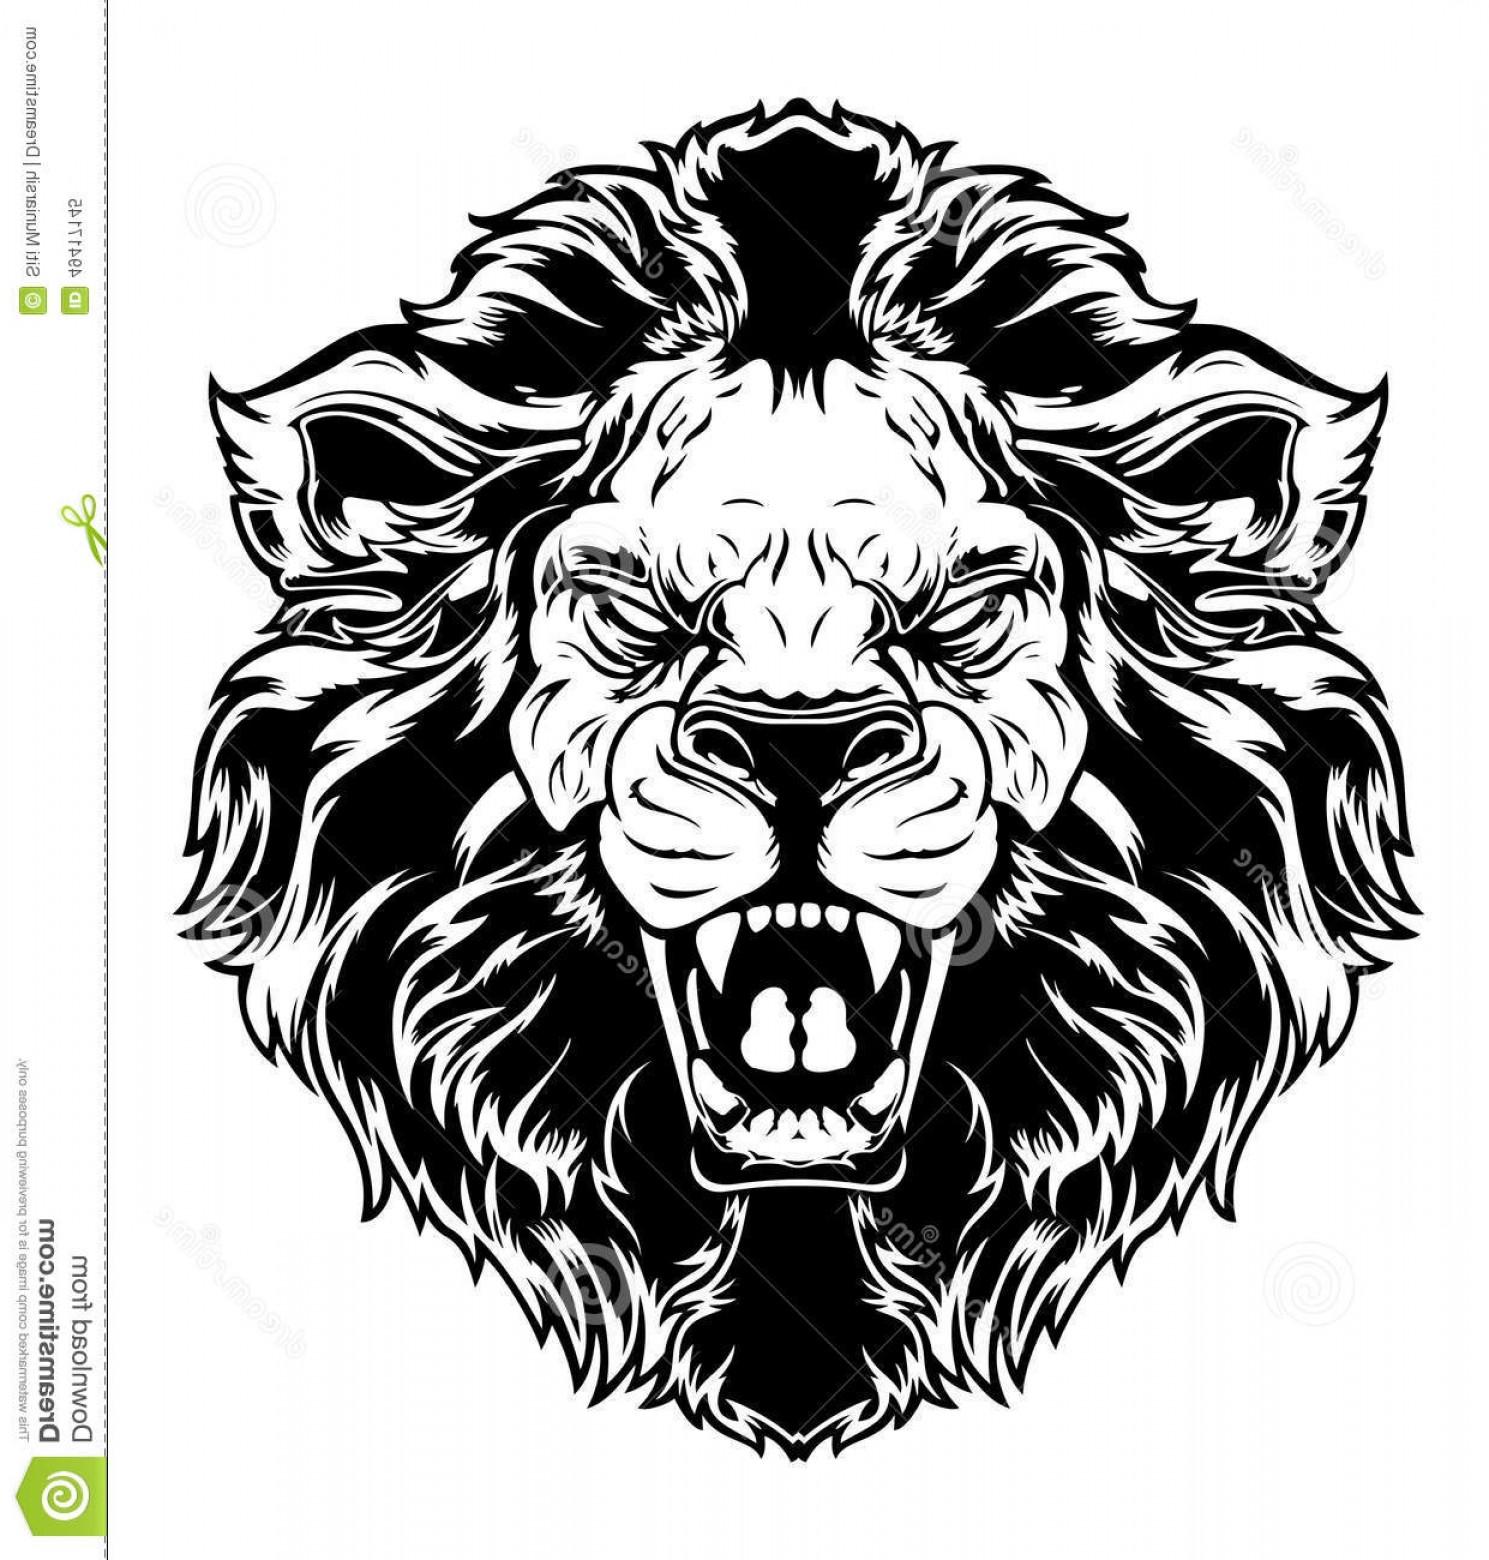 1489x1560 Stock Illustration Lion Head Vector Illustration Black White Anger